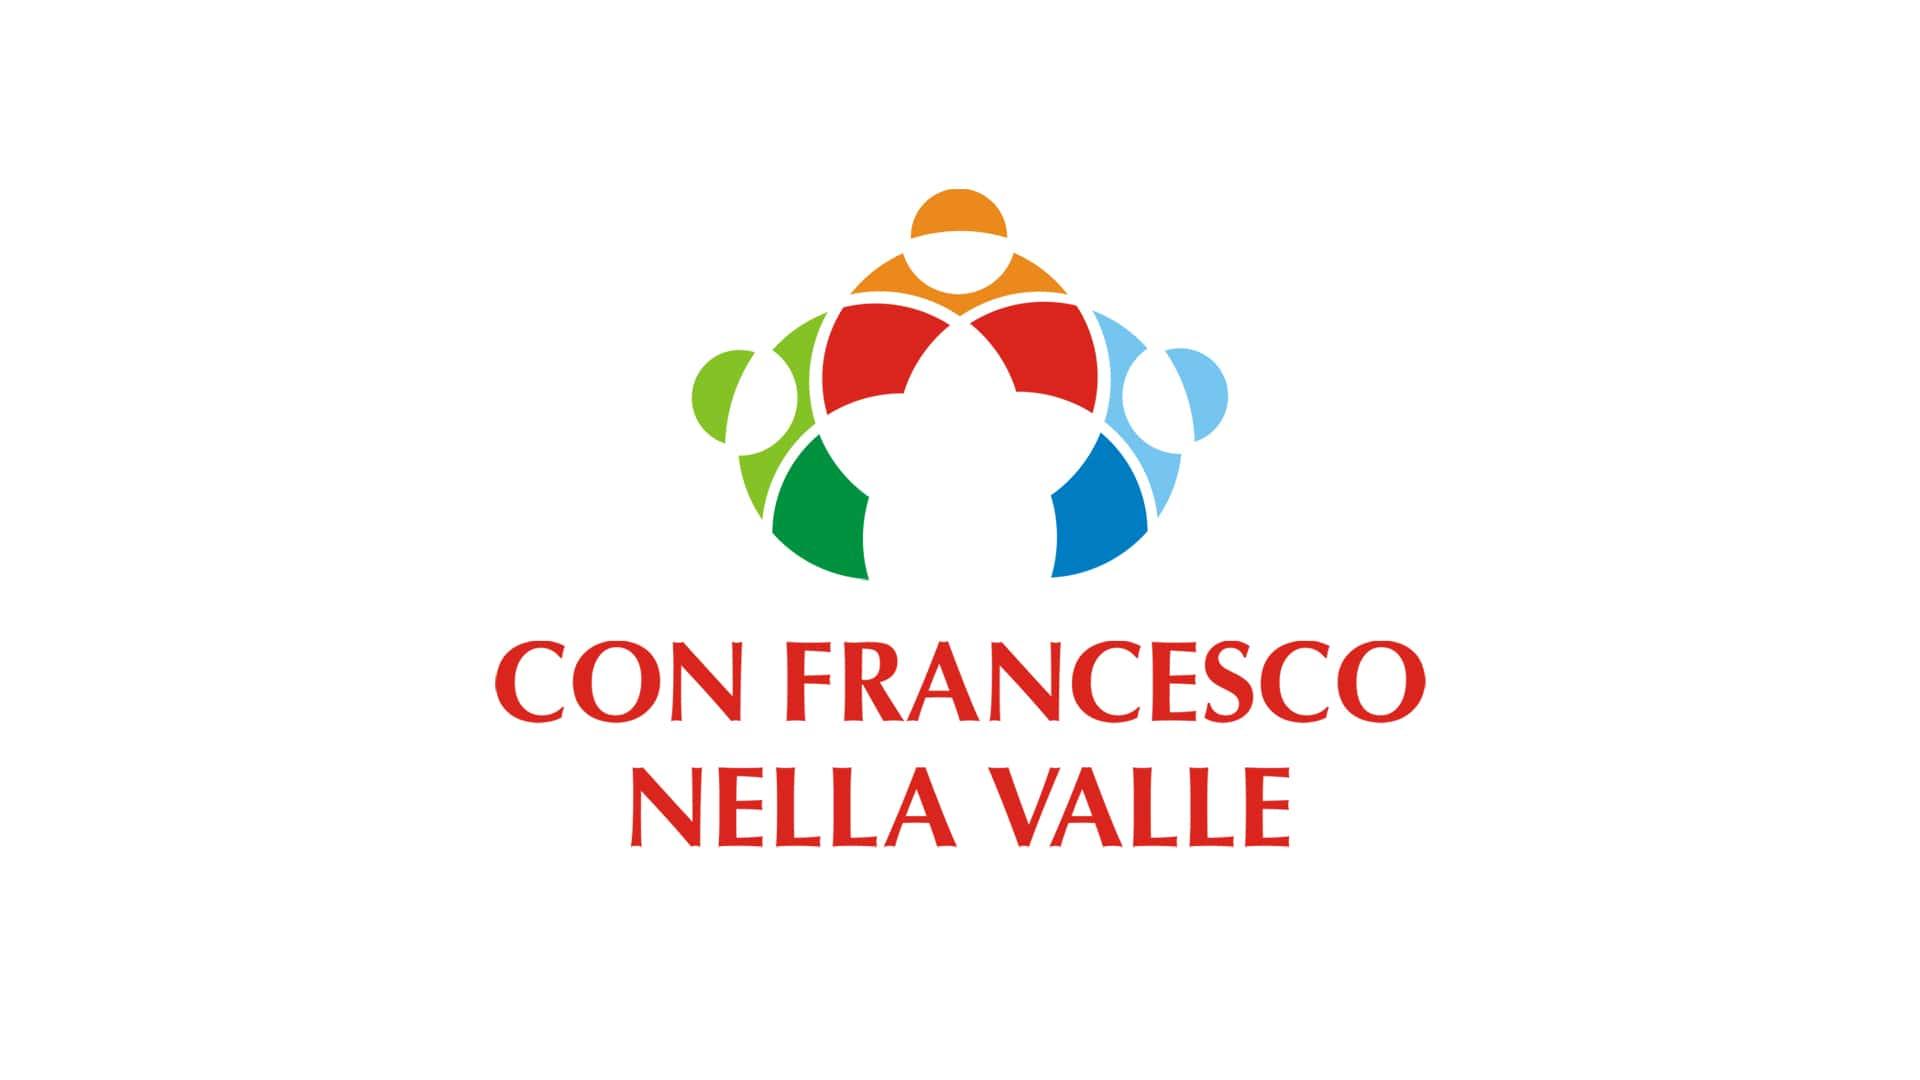 Un viaggio… con Francesco nella Valle: la storia del logo